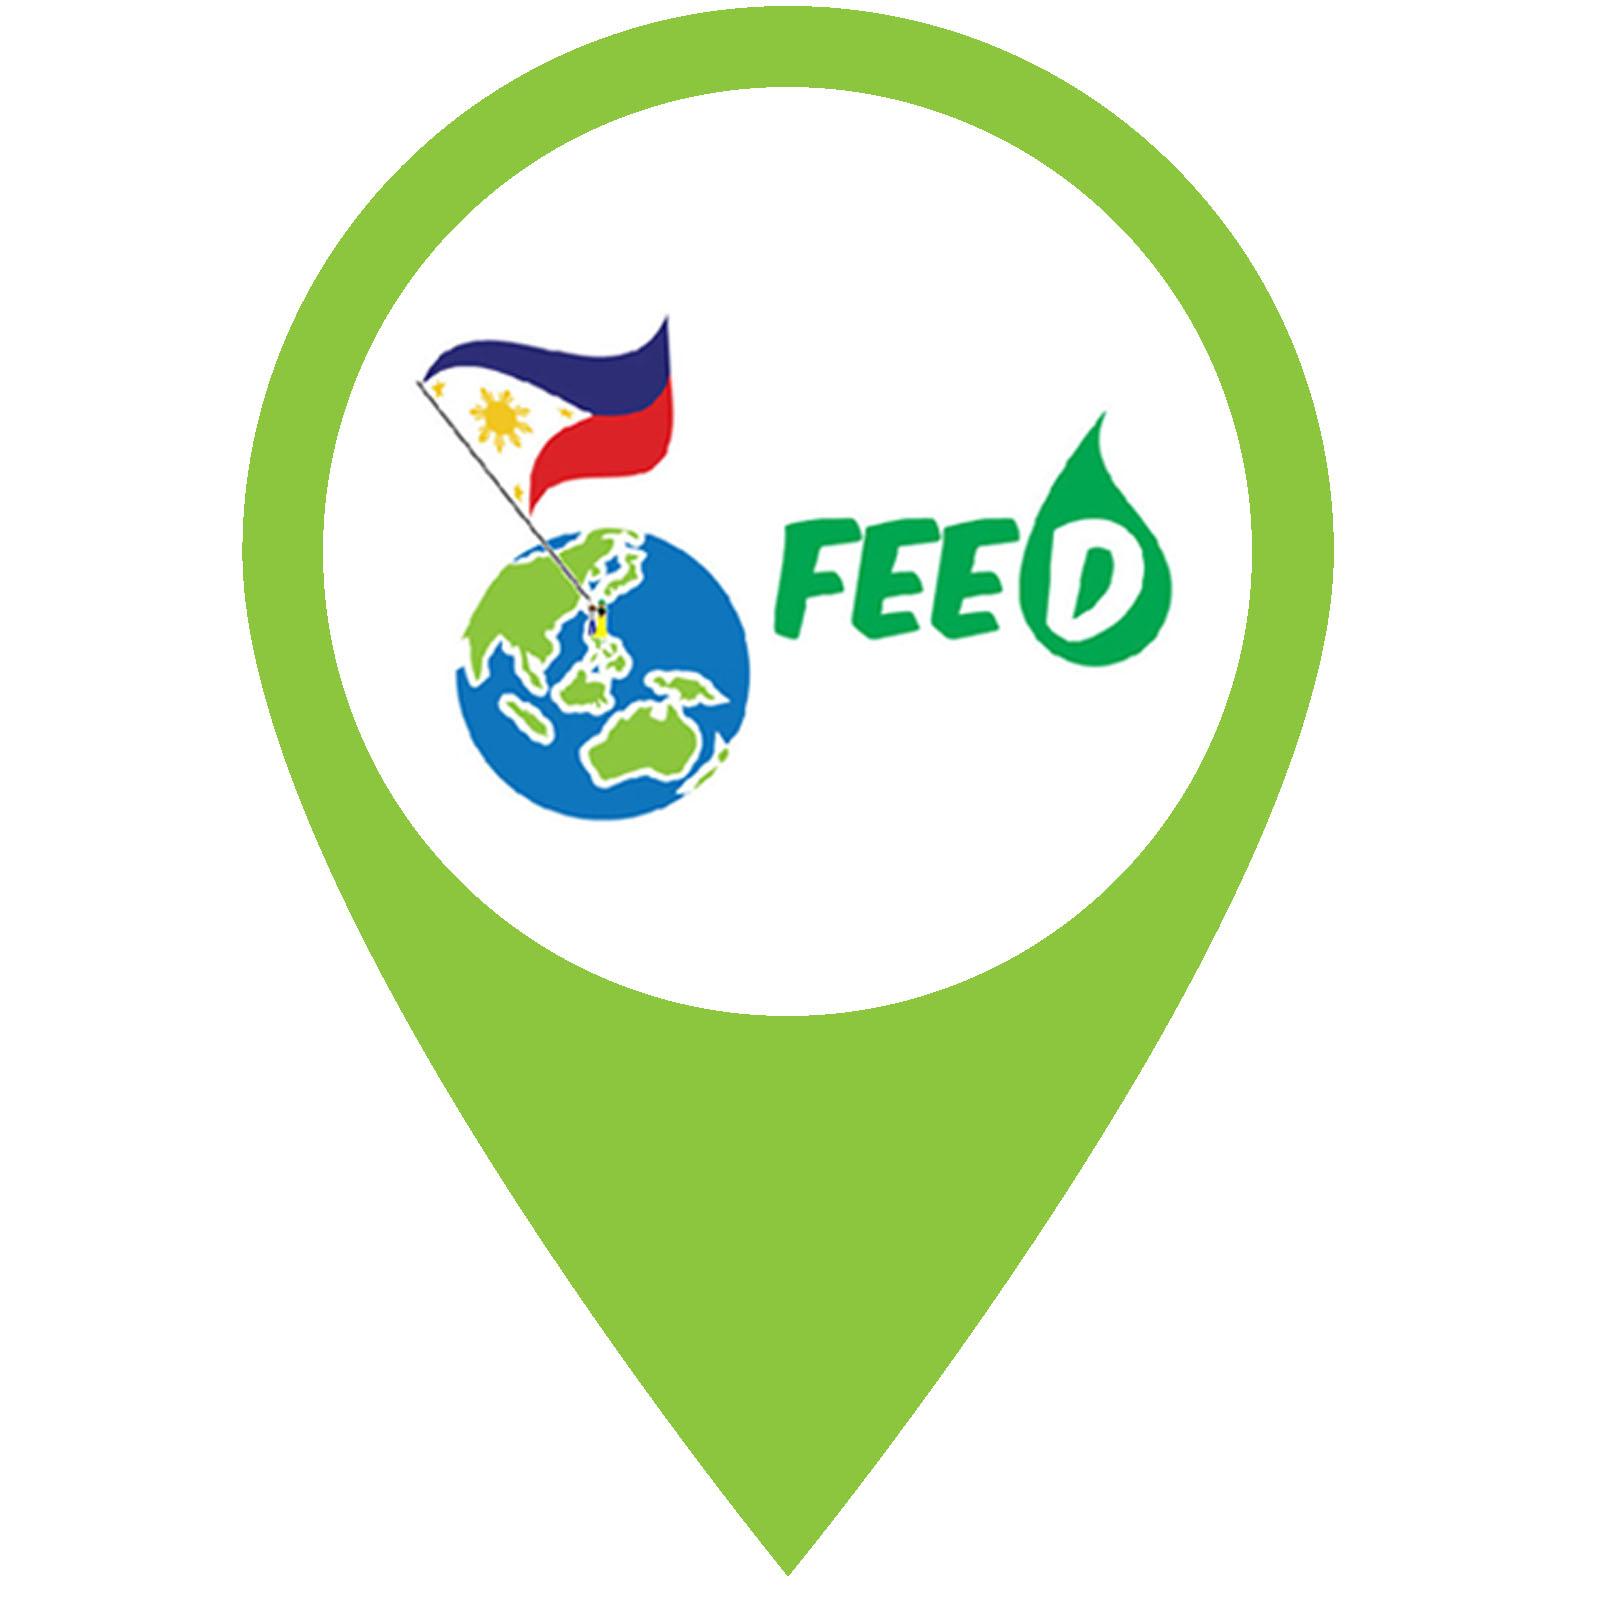 Logo of FEED